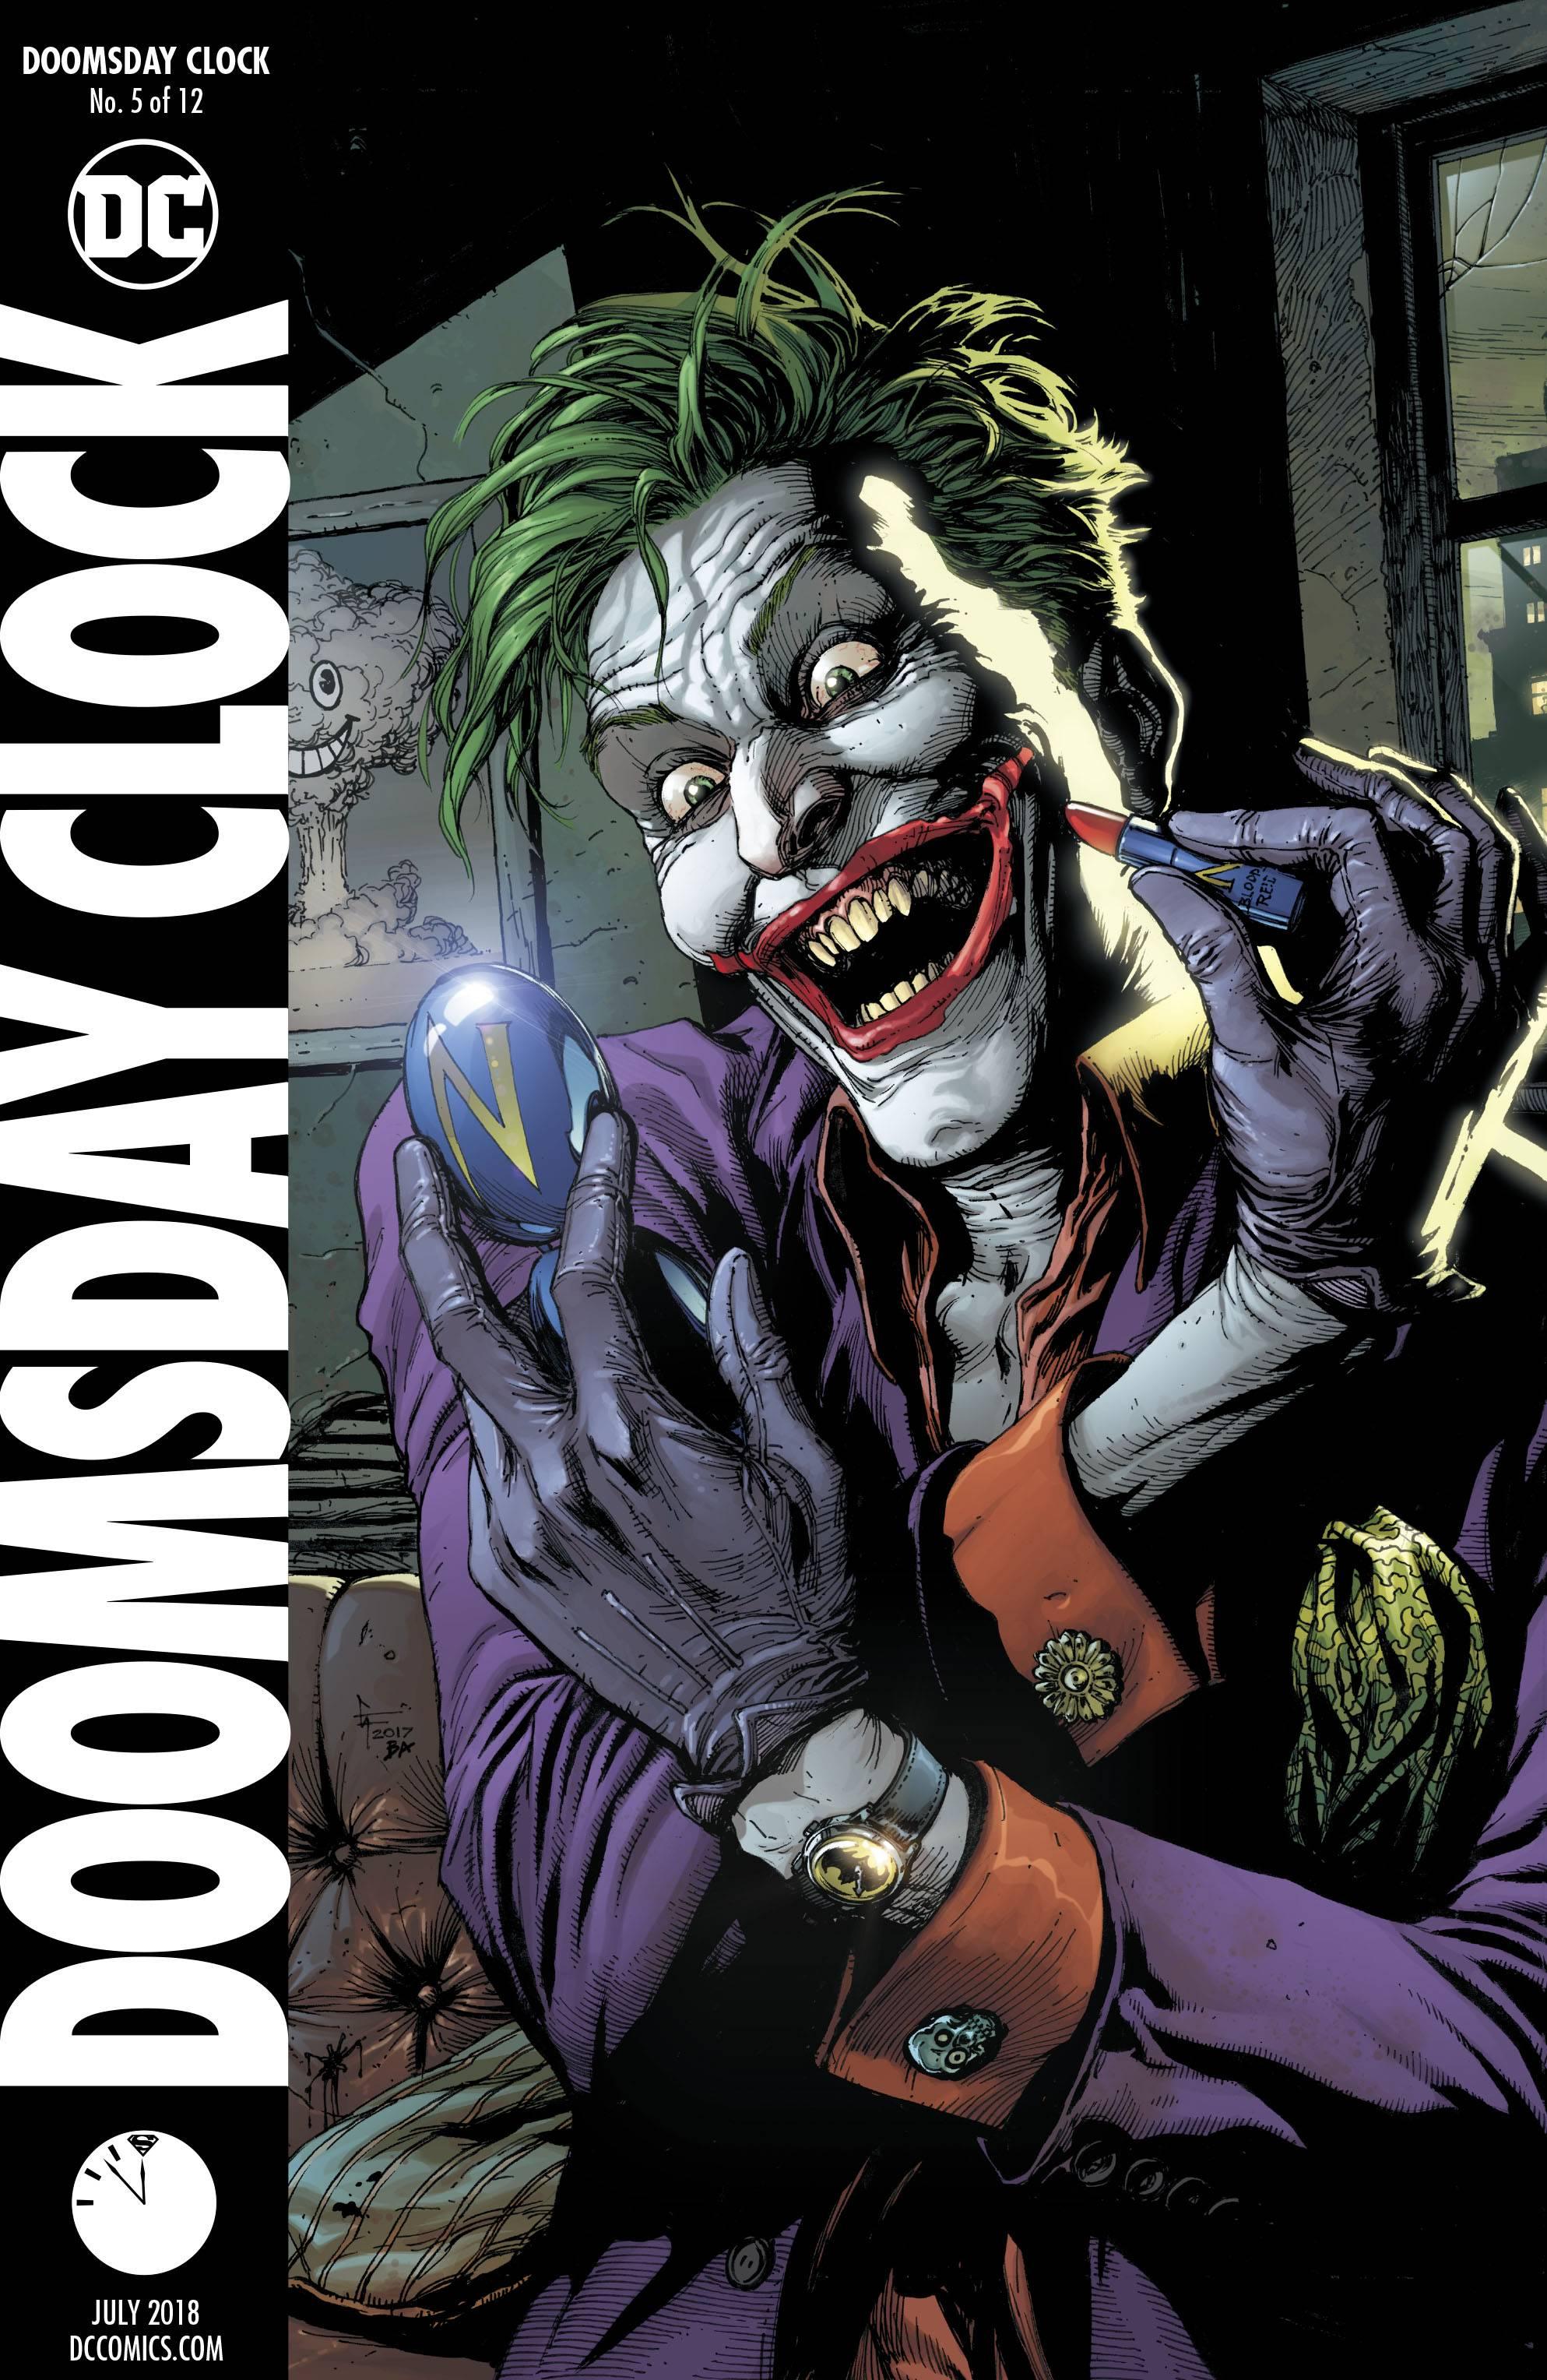 Doomsday Clock 5 Variant Cover 2017 Comics Cosmic Comics